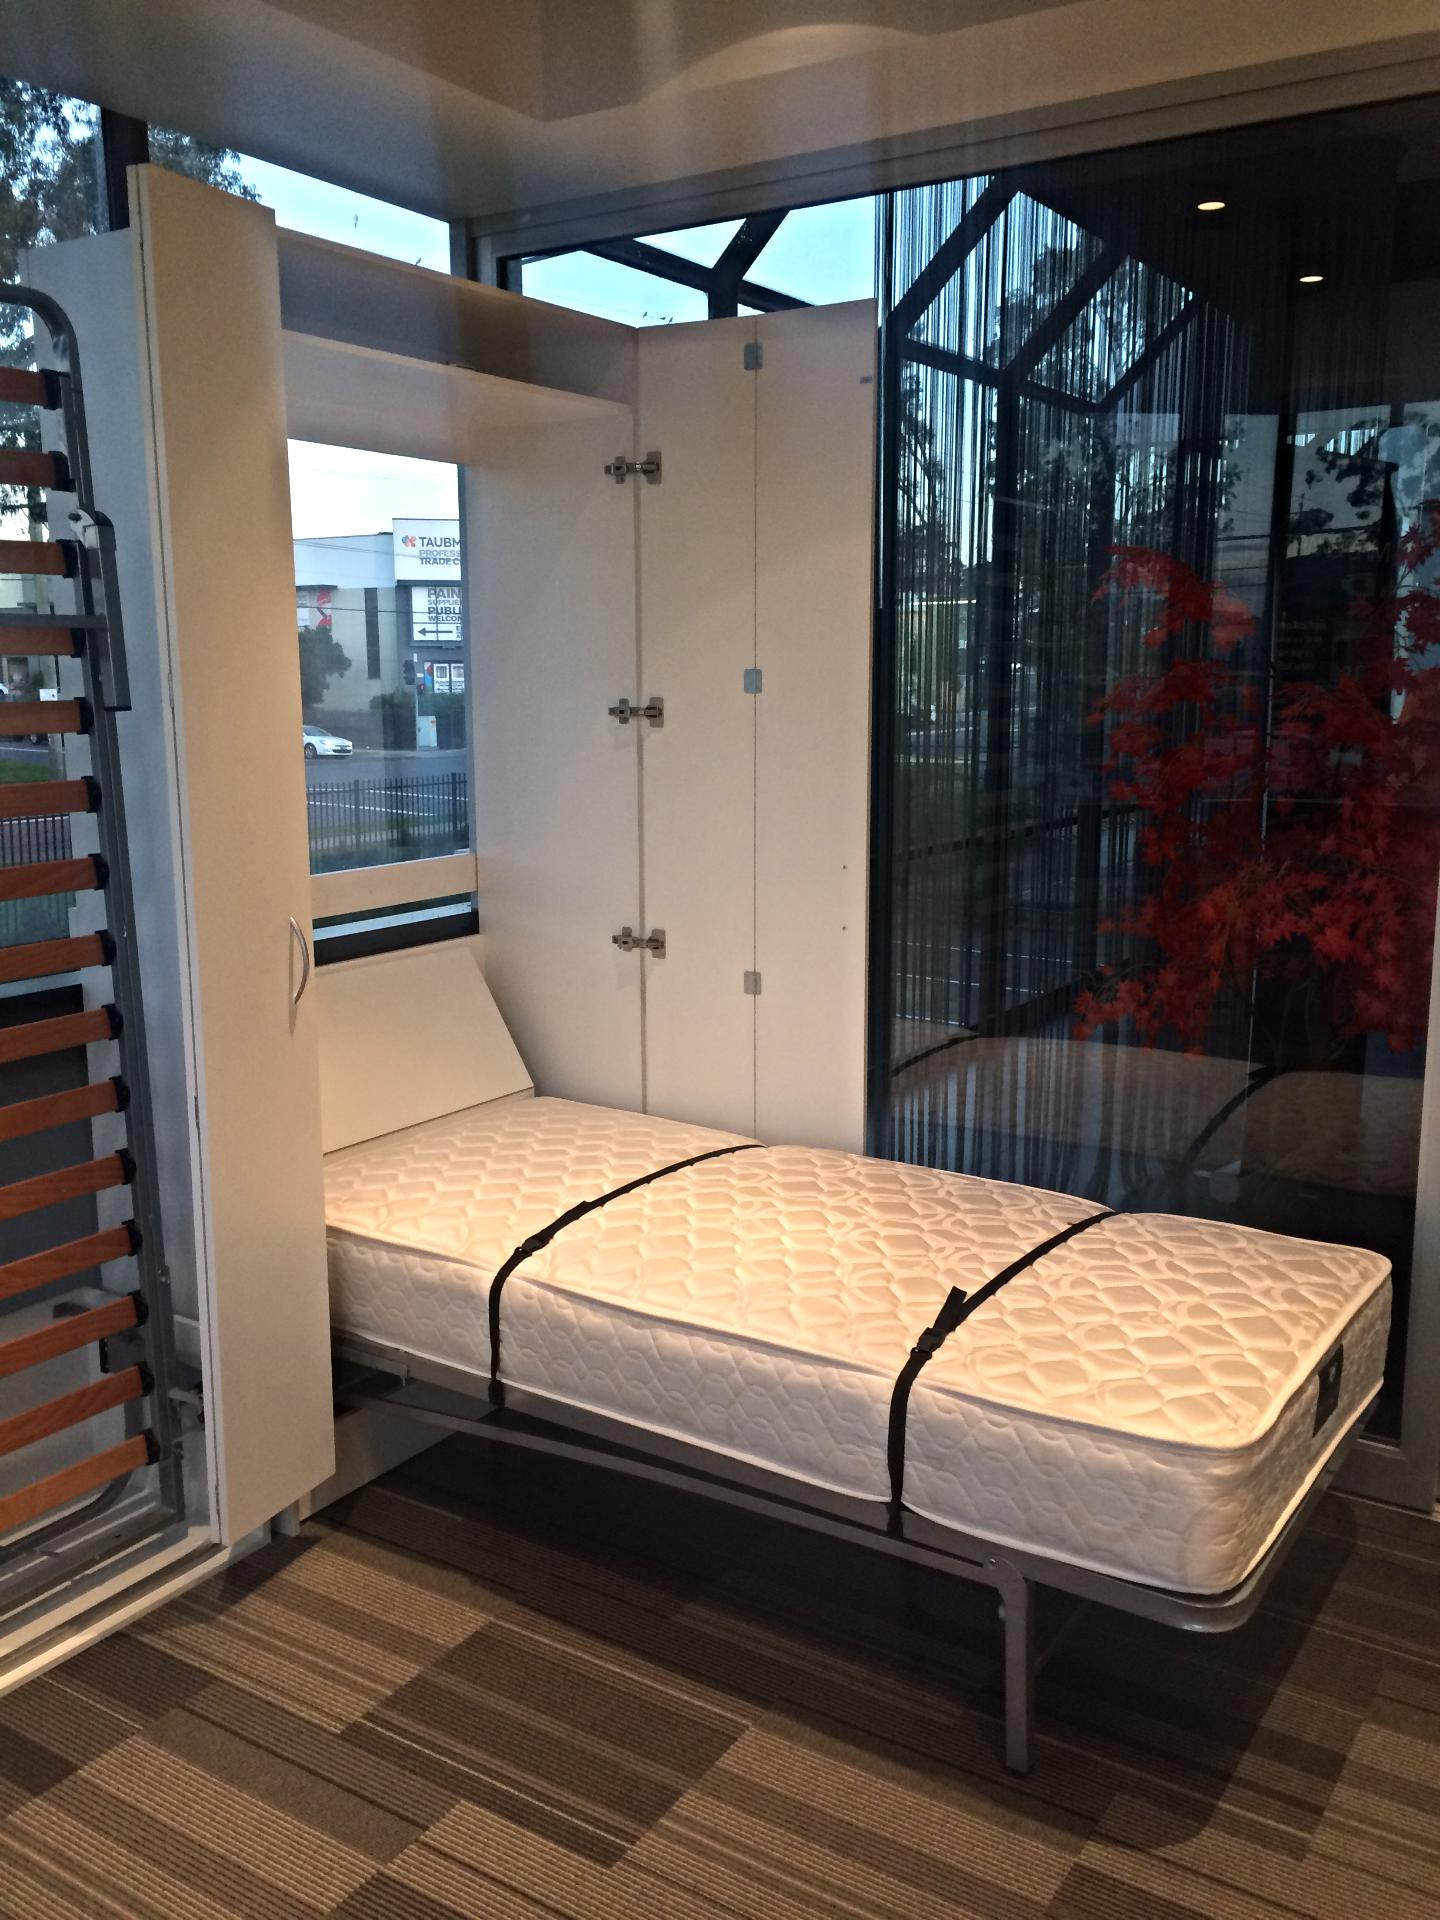 Bi fold door cabinet and bed open